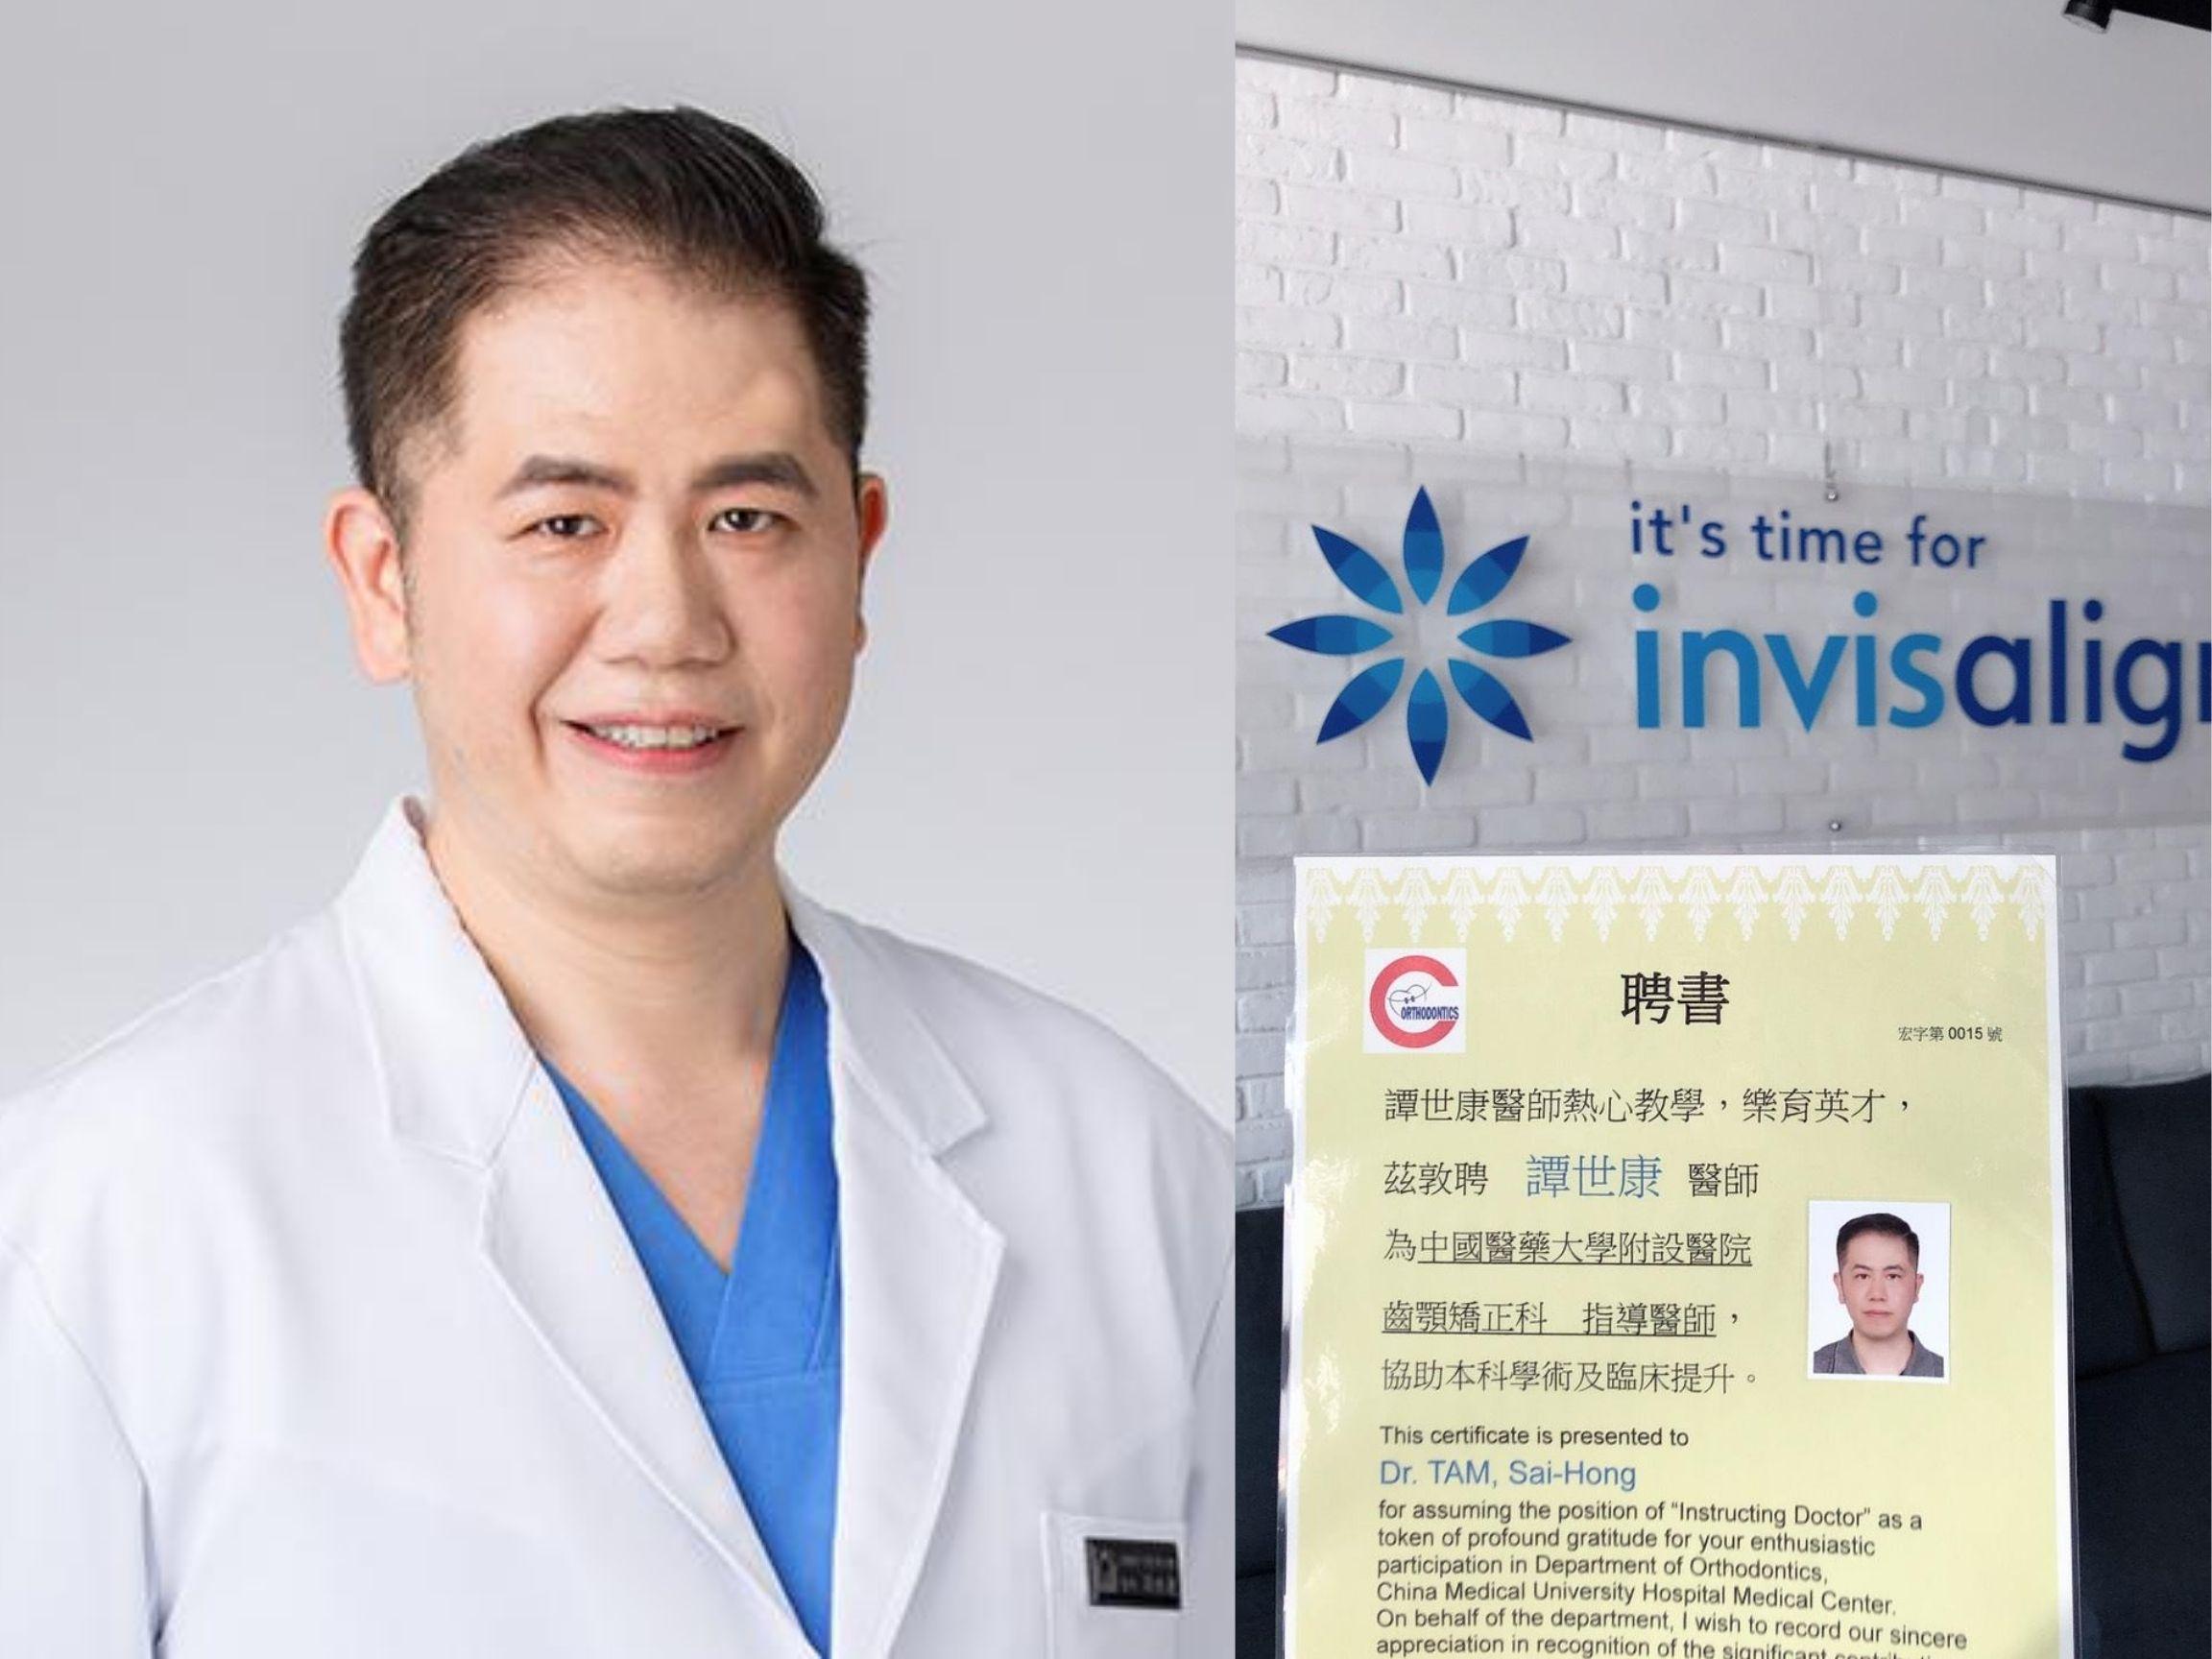 桃園矯正|恭賀譚世康醫師榮獲中國醫藥大學附設醫院齒顎矯正科 指導醫師